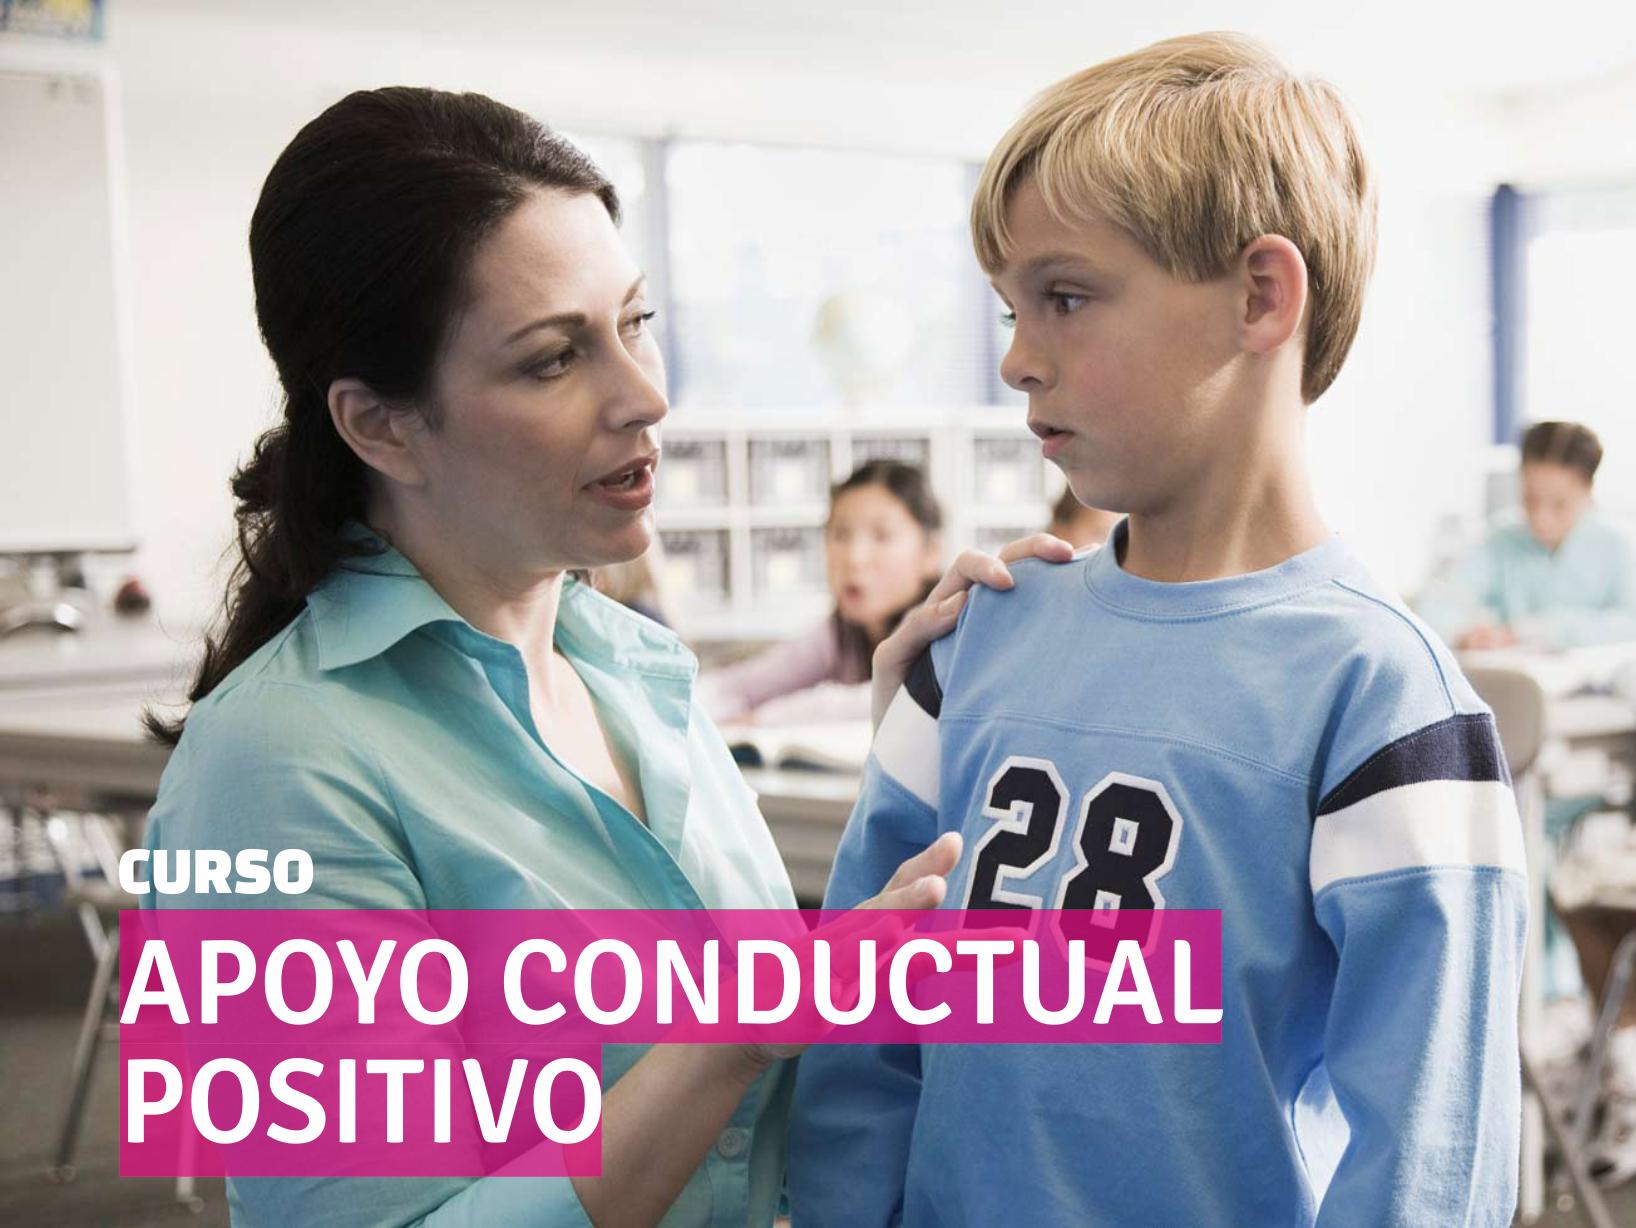 Curso APOYO CONDUCTUAL POSITIVO